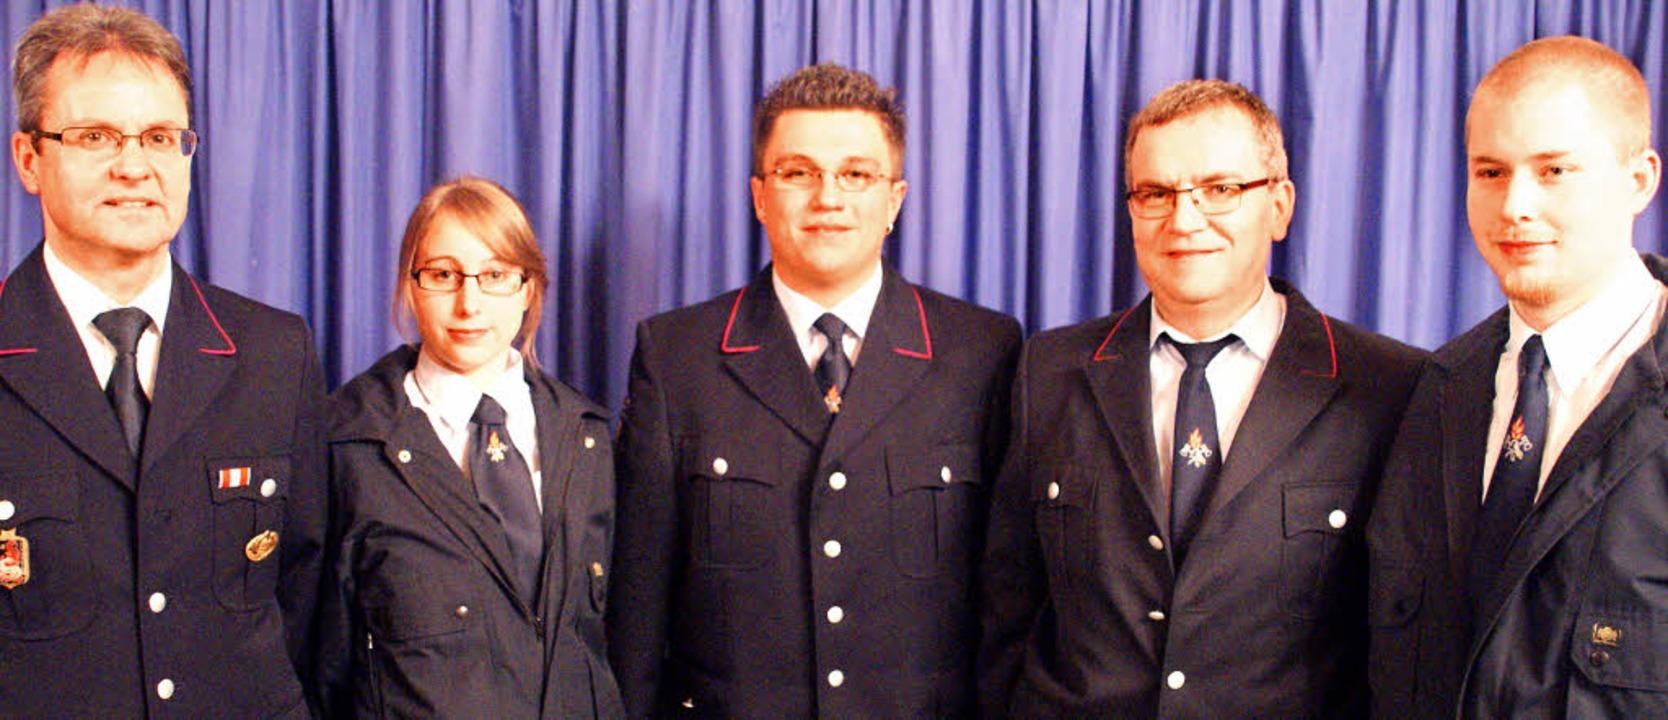 Neue Gesichter im Vorstand der Wallbac...Andreas Weigert und Christian Siebold     Foto: Hrvoje Miloslavic